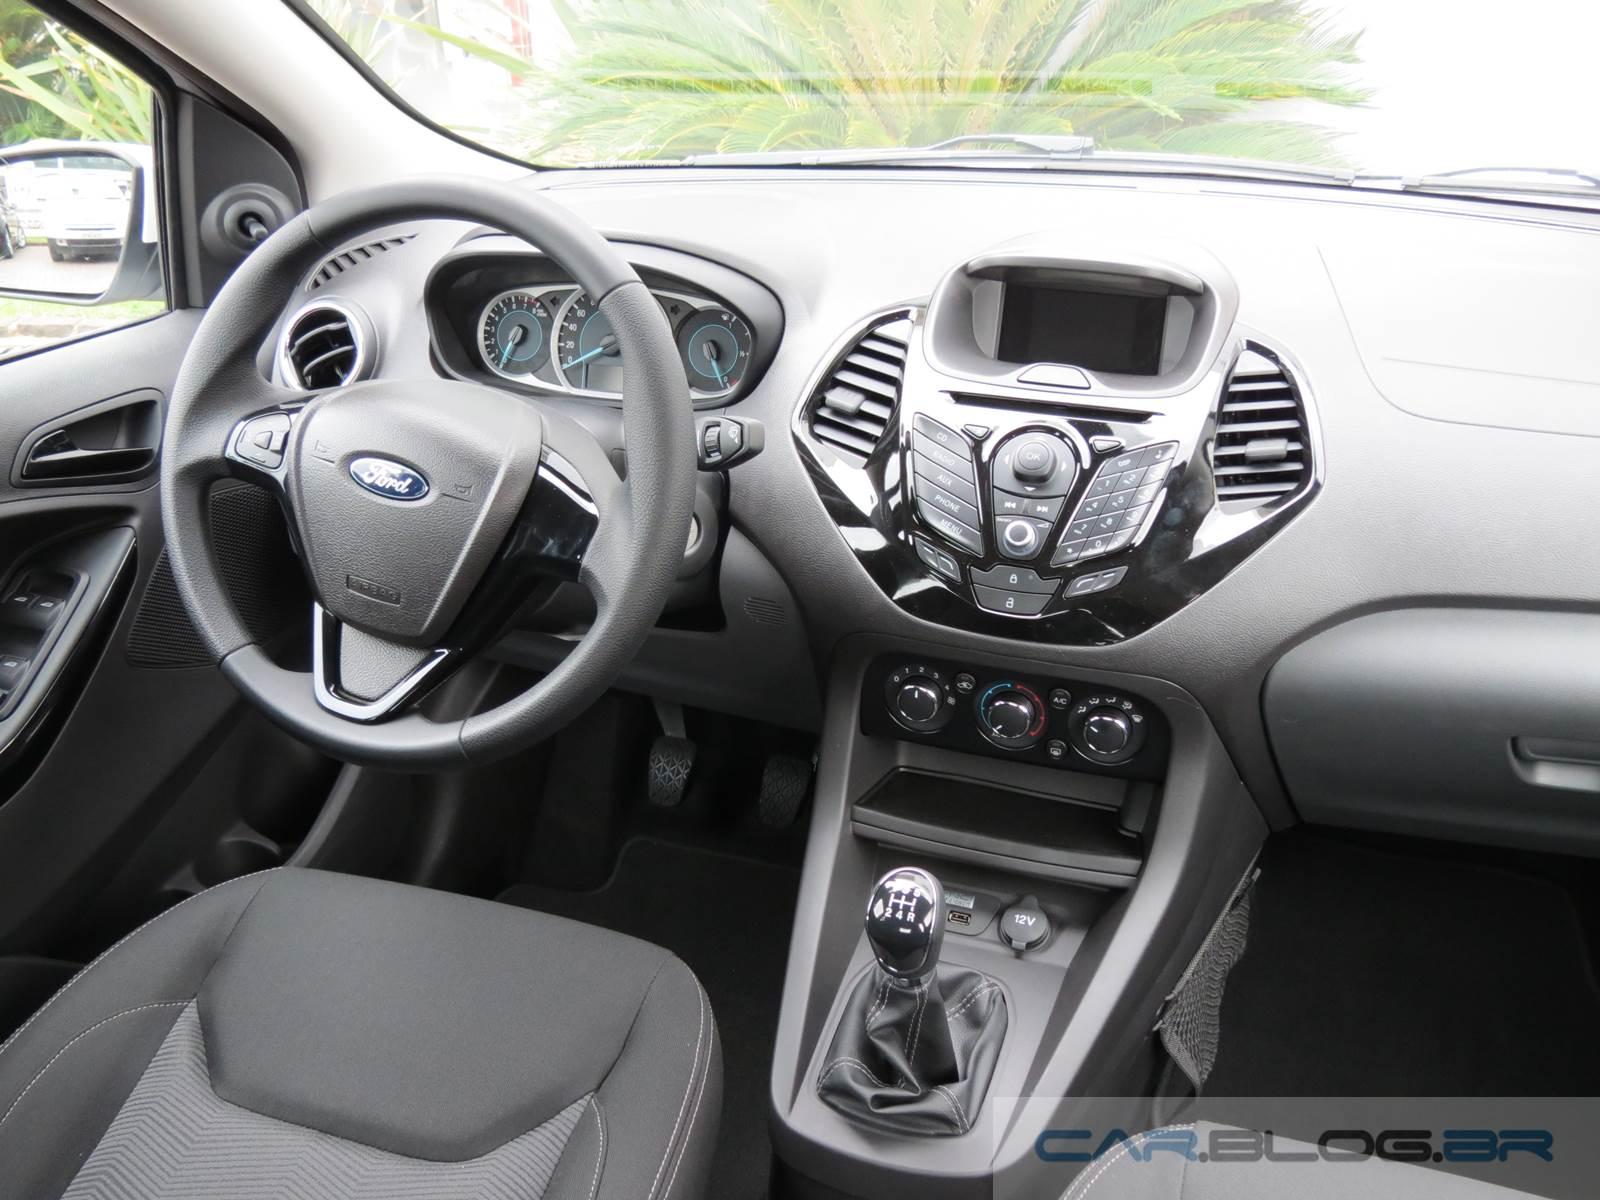 Novo Ford Ka+ SEL 1.0 2015 - interior